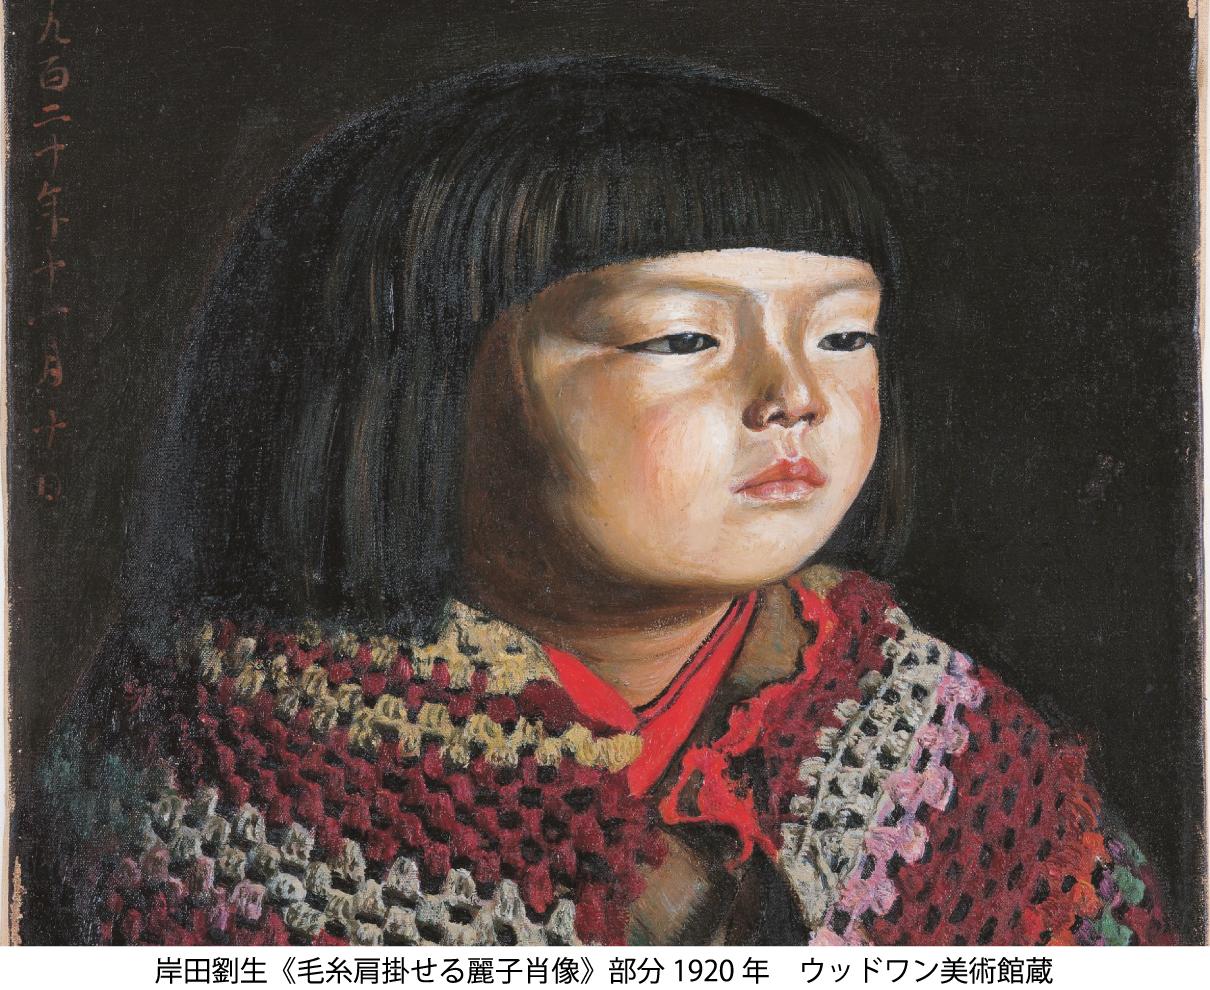 【4/23~】教科書でお馴染み! 近現代の名品が集う美術展開催|福井県立美術館